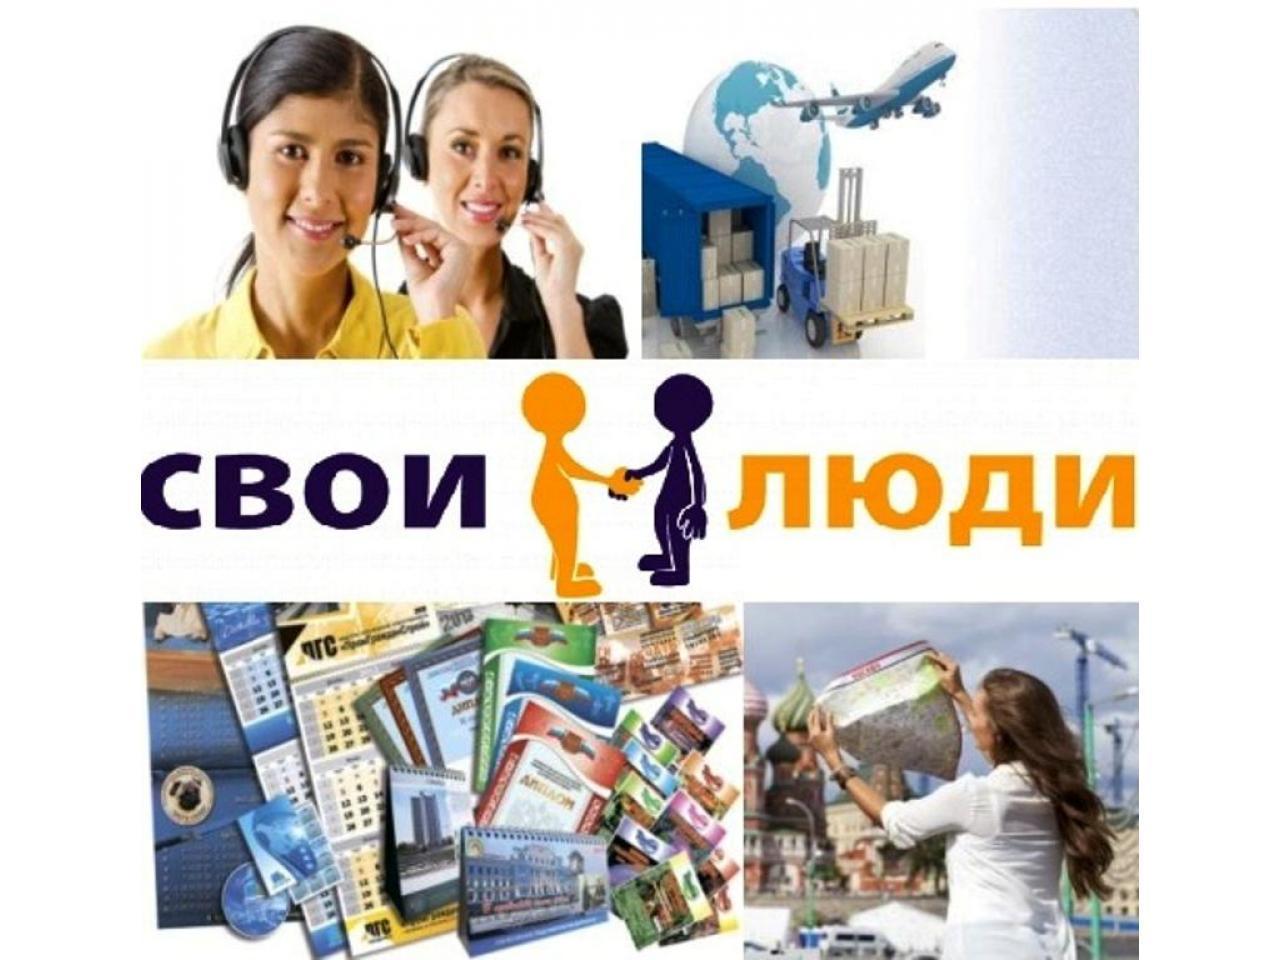 Развиваешь русскоязычный бизнес? Тогда тебе точно к нам! - 2